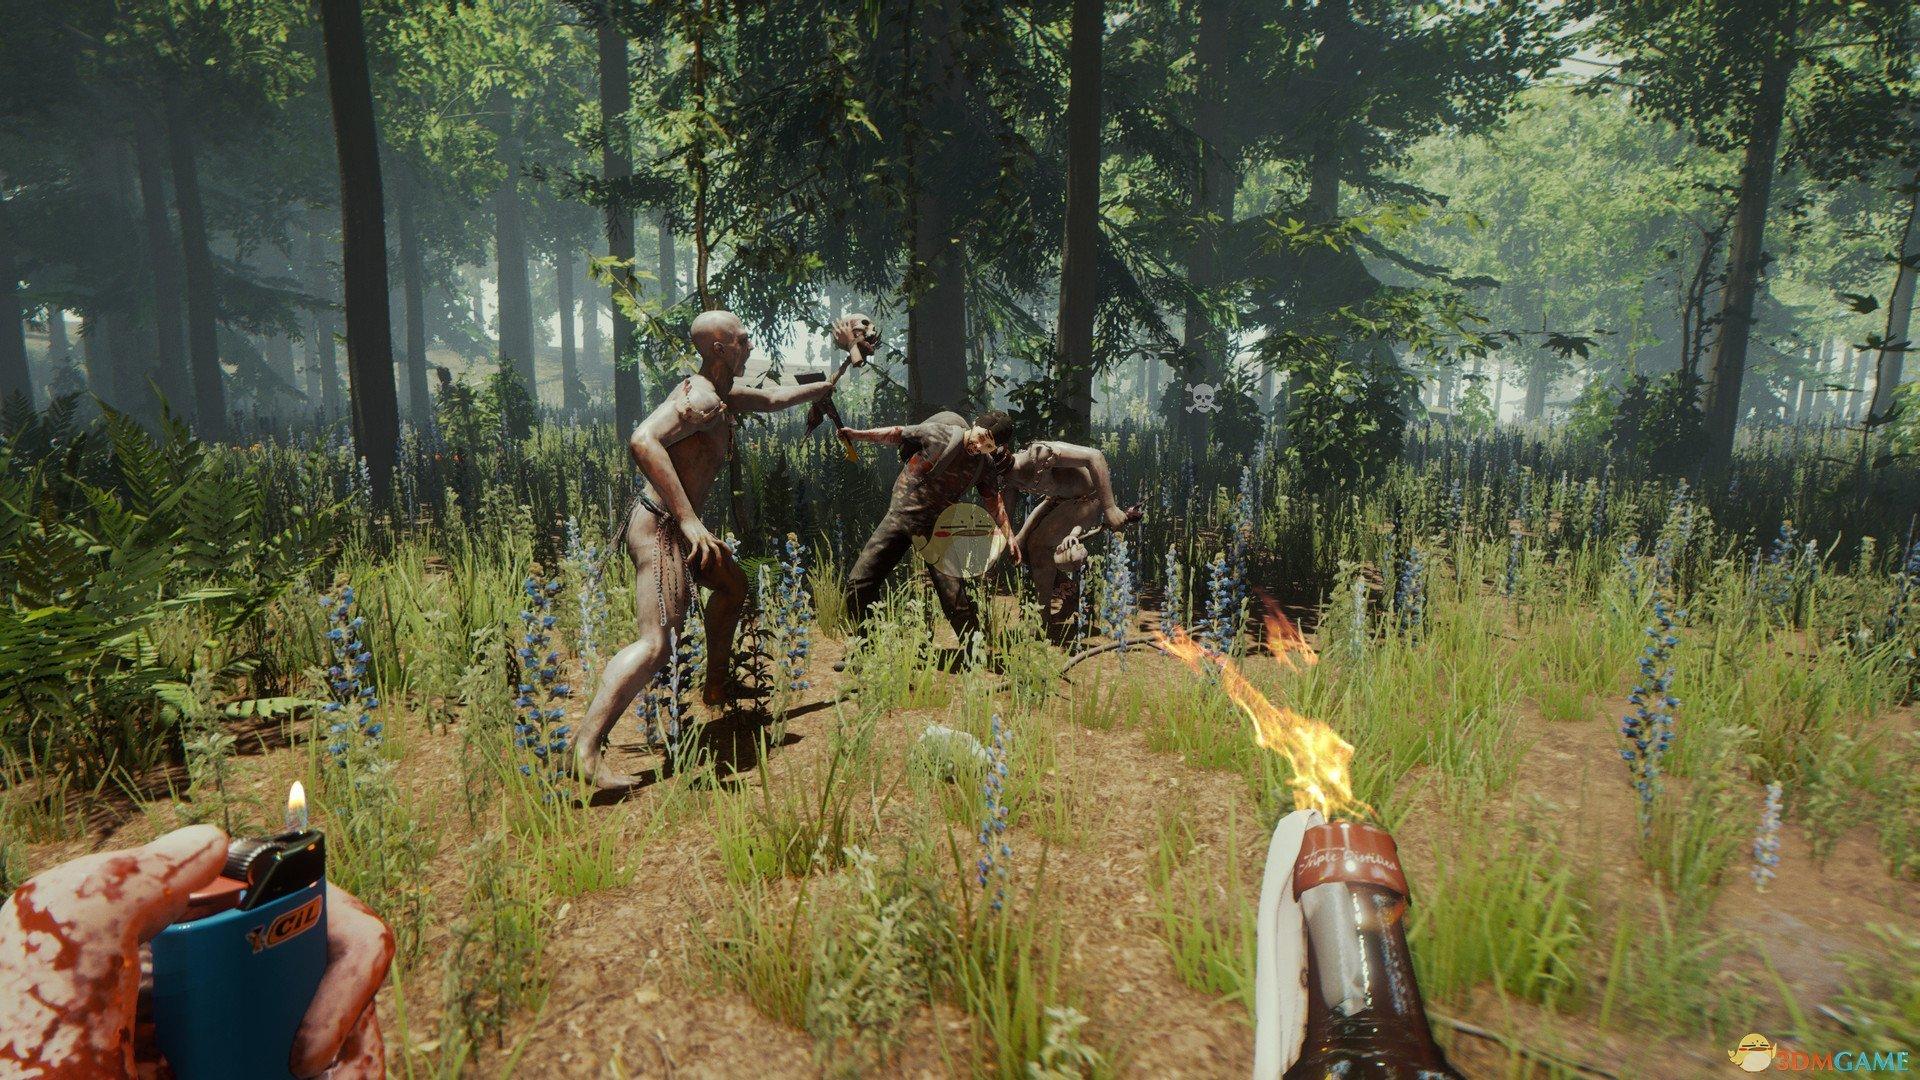 《森林》野人相关知识点介绍